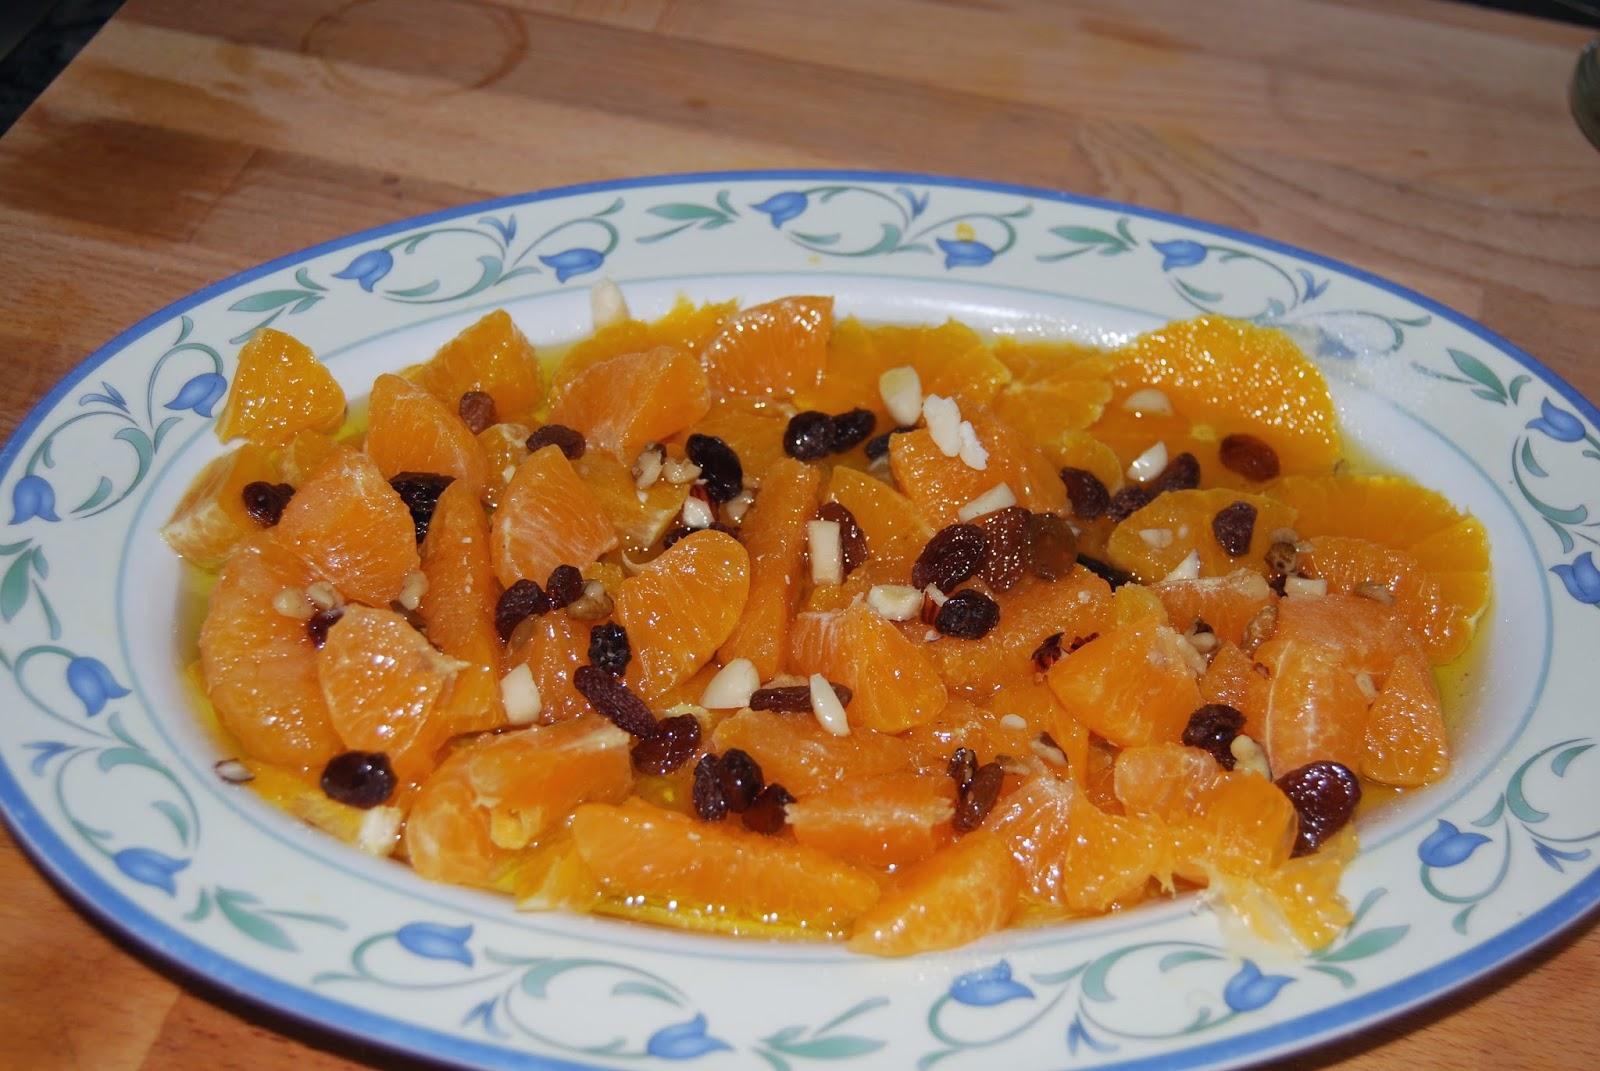 Aprendiz de cocina ensalada sefard - Aprendiz de cocina ...